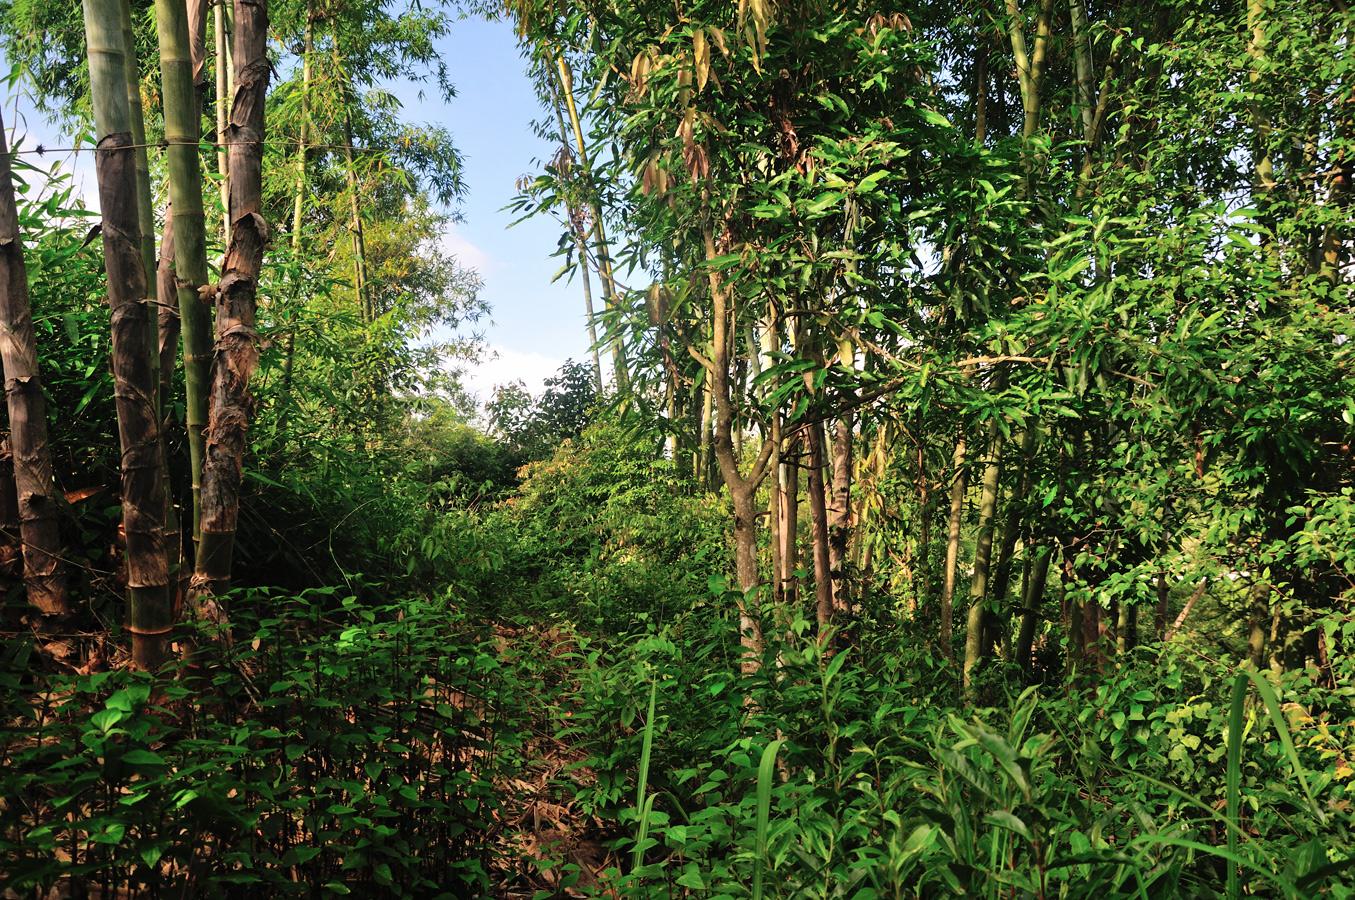 Un des lieux habités par un grand 眼鏡王蛇 cobra royal (Ophiophagus hannah), dont la proximité n'inquiéte pas le moins du monde les habitants! Xishuangbanna (Yunnan), Chine 2017 ©AYMERICH Michel